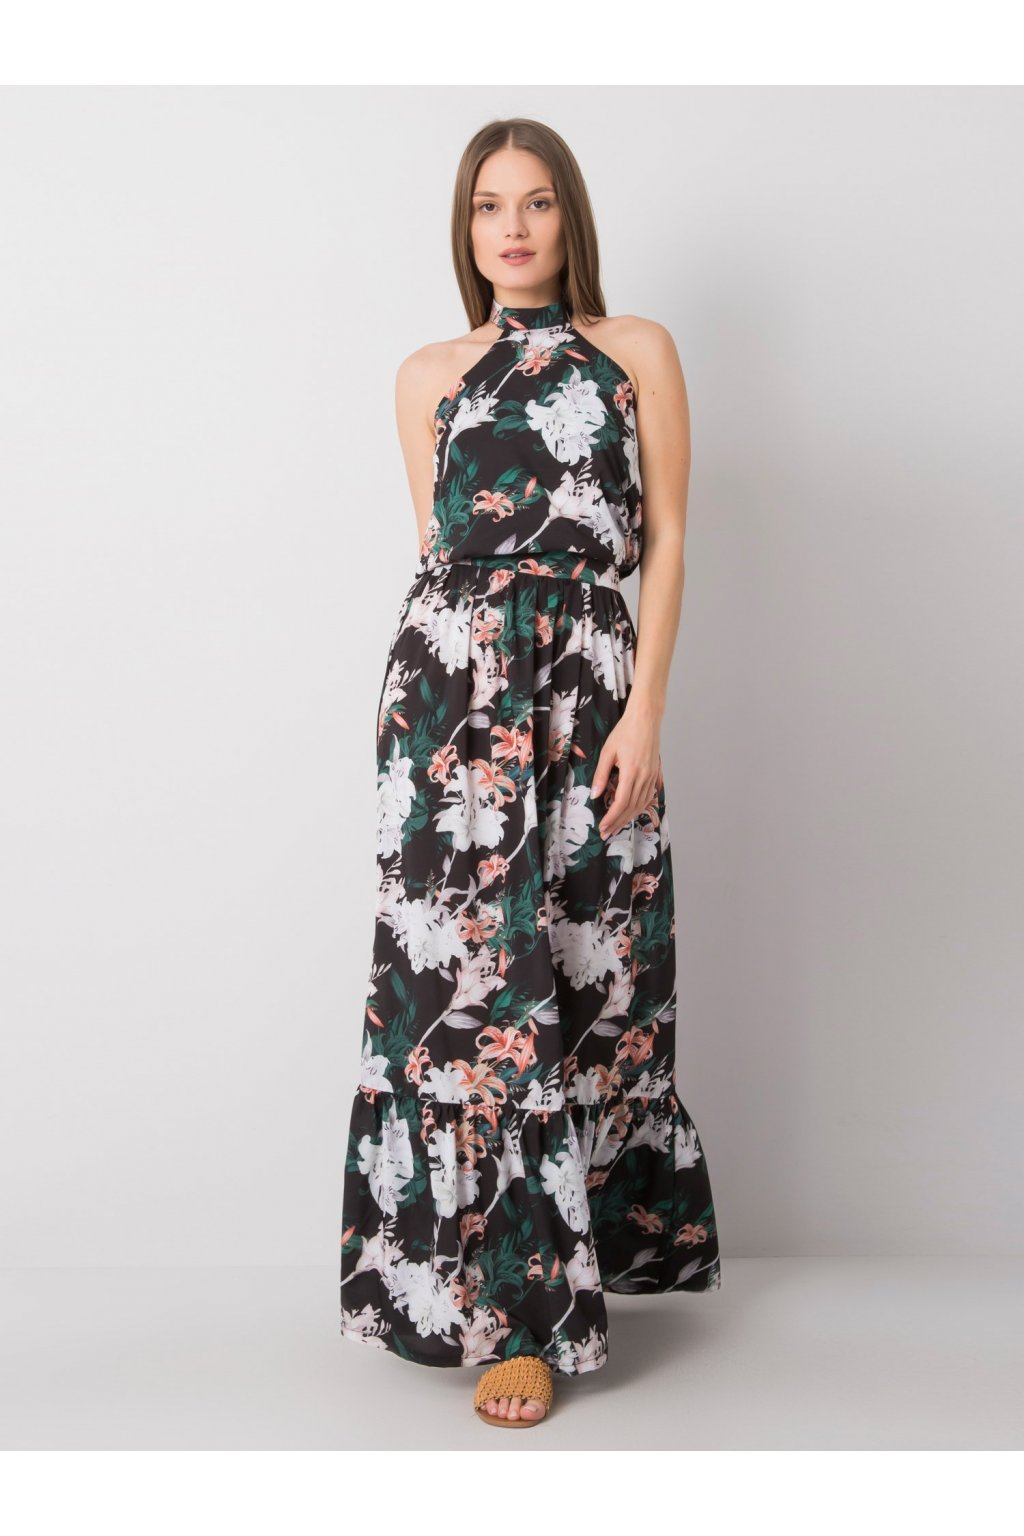 pol pl Czarna sukienka z printami Vanessa 362352 1